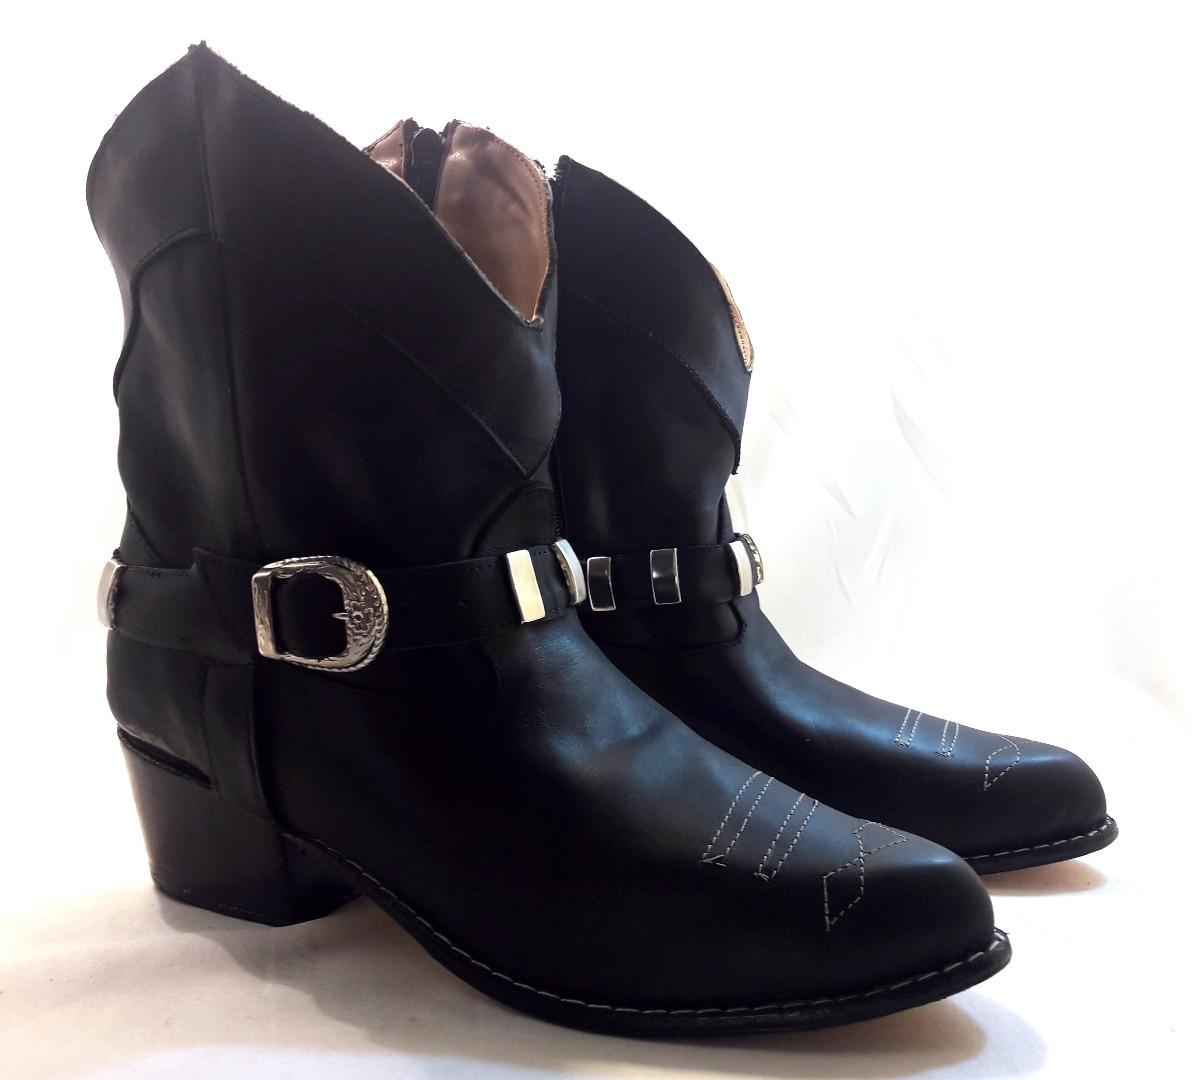 0d6b93f7a sam123 botas cortas talles grandes cuero mujer tex2. Cargando zoom.